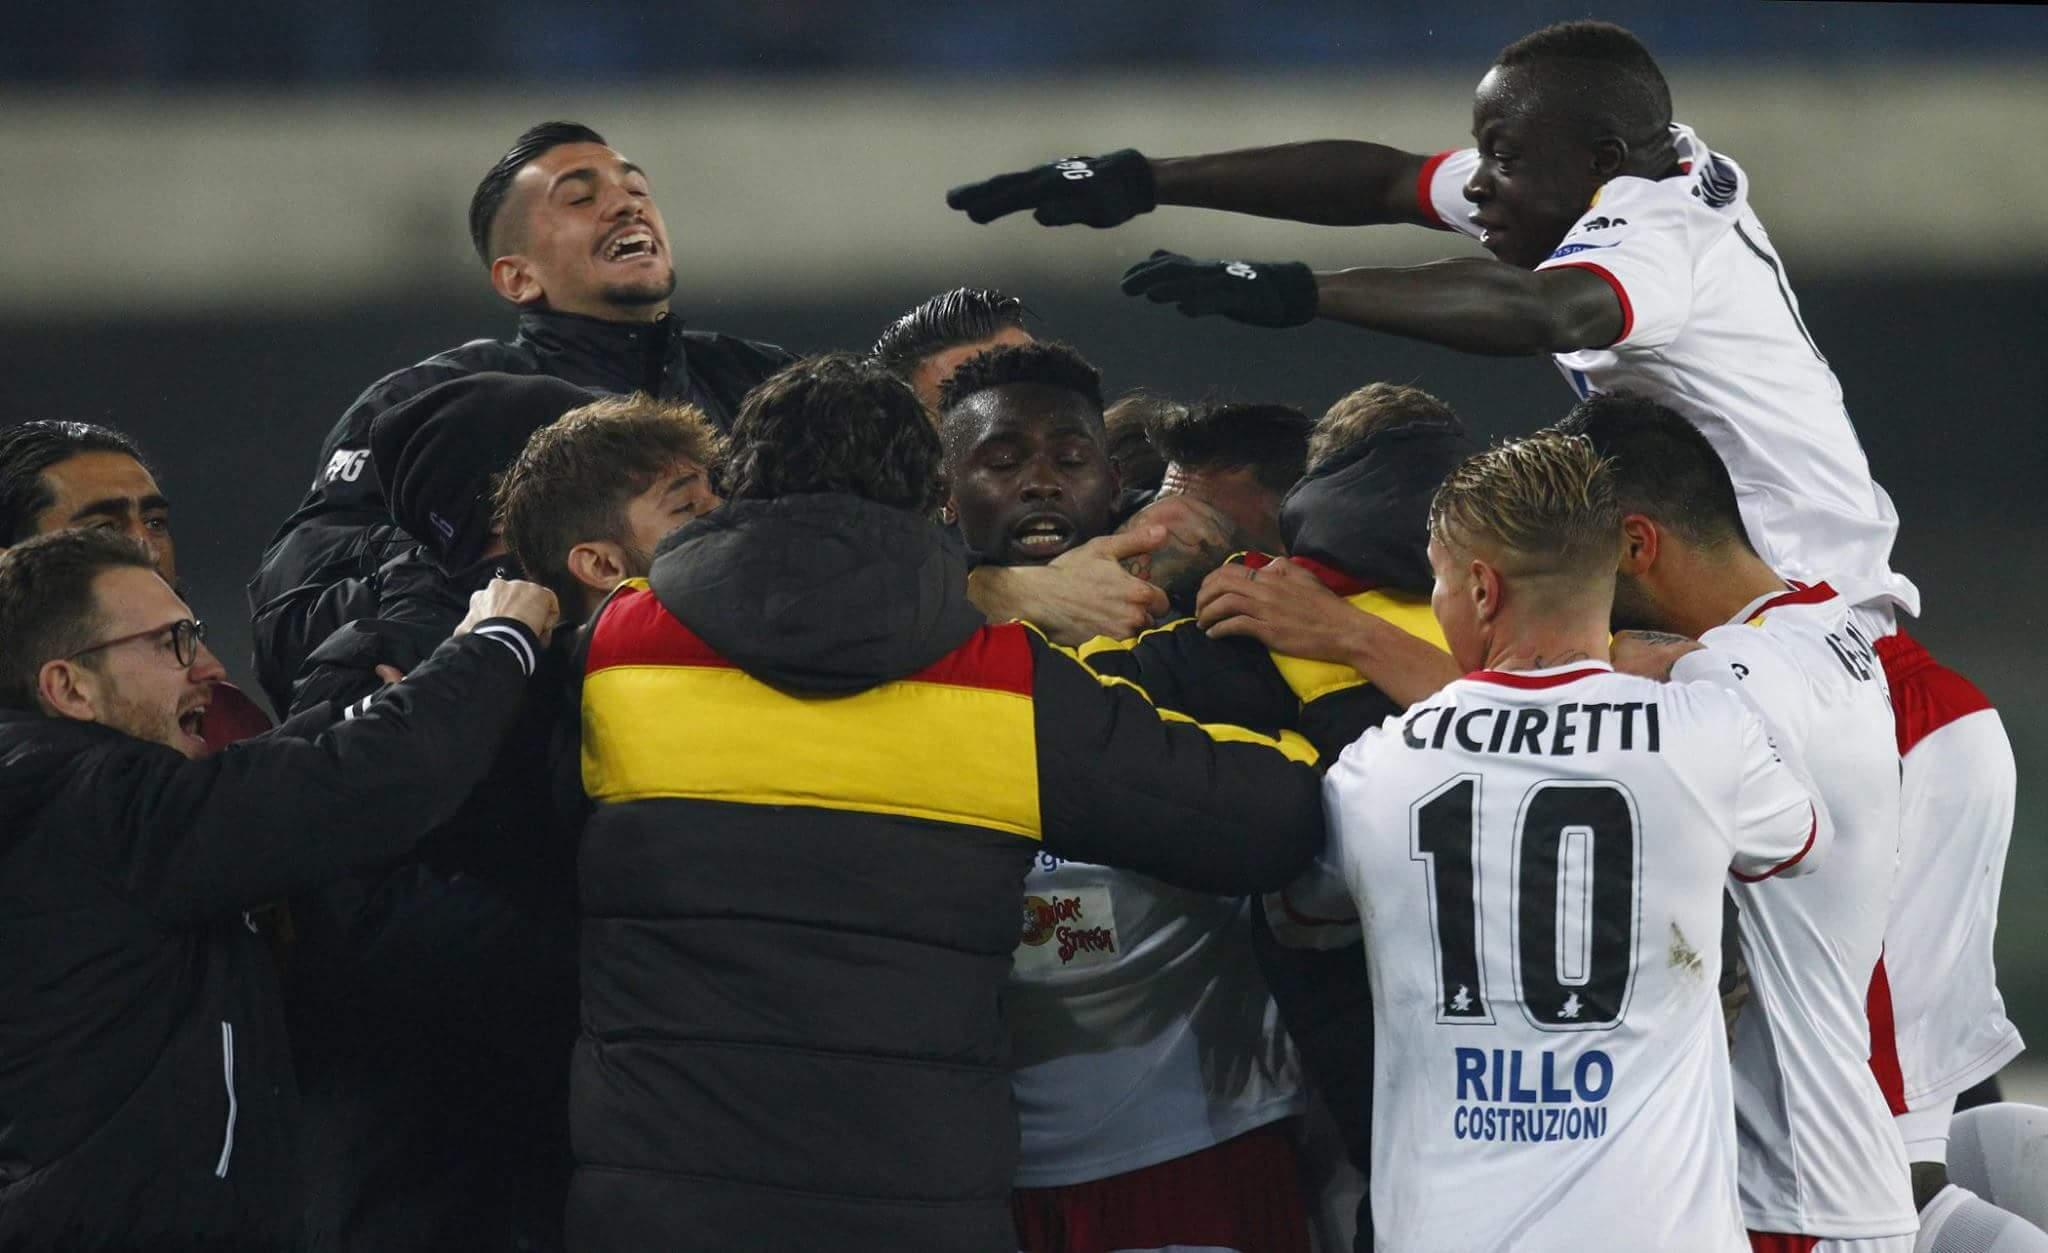 Foto Benevento Calcio Pagina Ufficiale